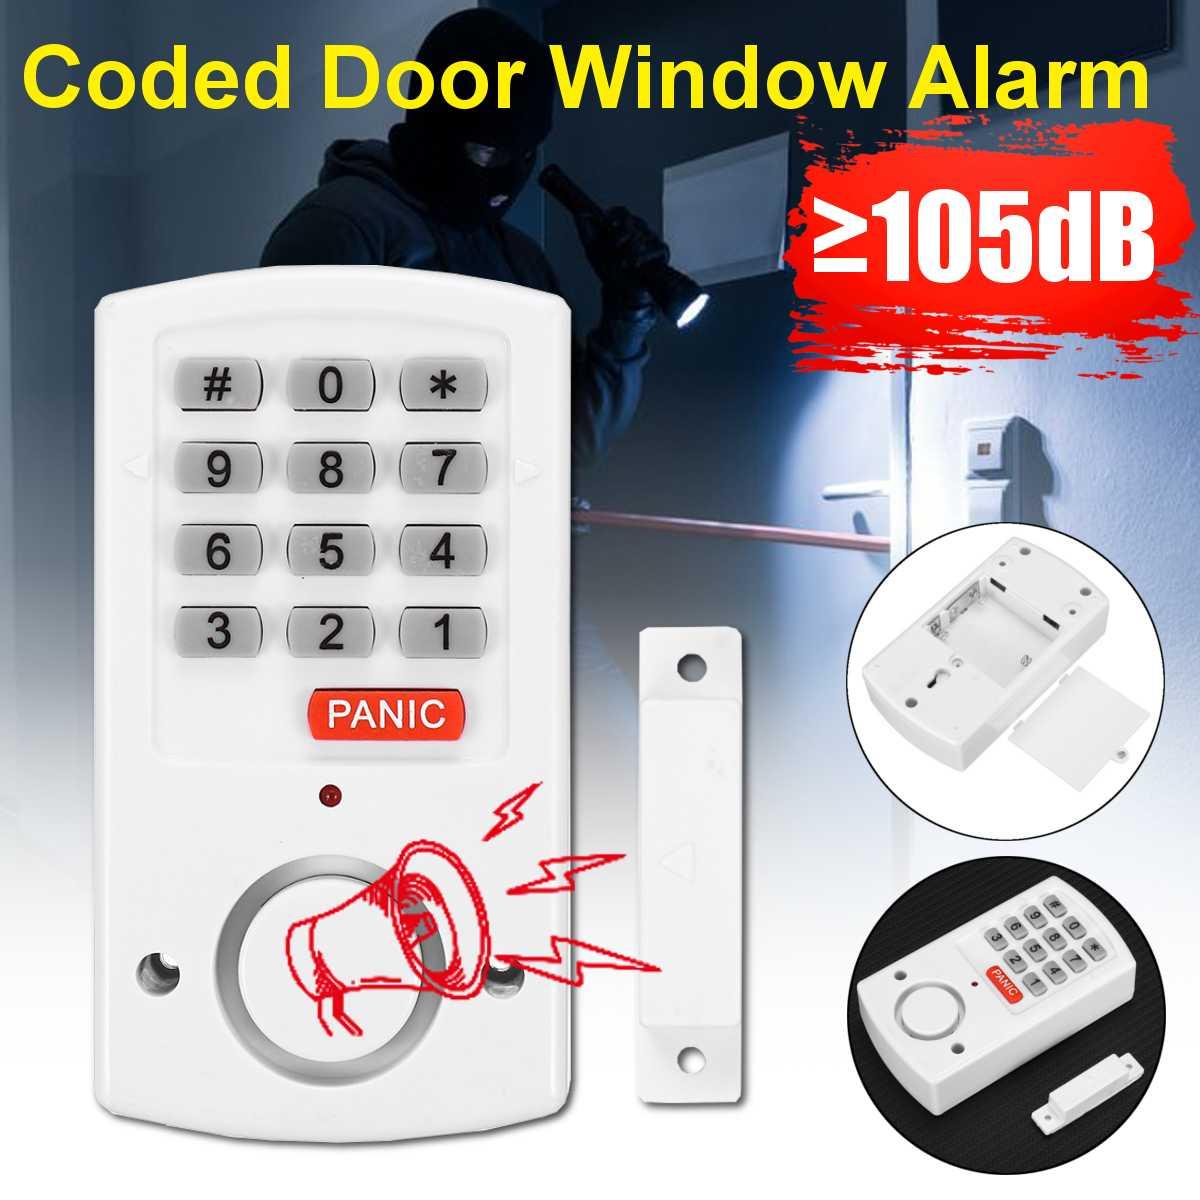 Домашняя система охранной сигнализации автономные магнитные датчики, независимая беспроводная домашняя сигнализация для дверей и окон, ох...